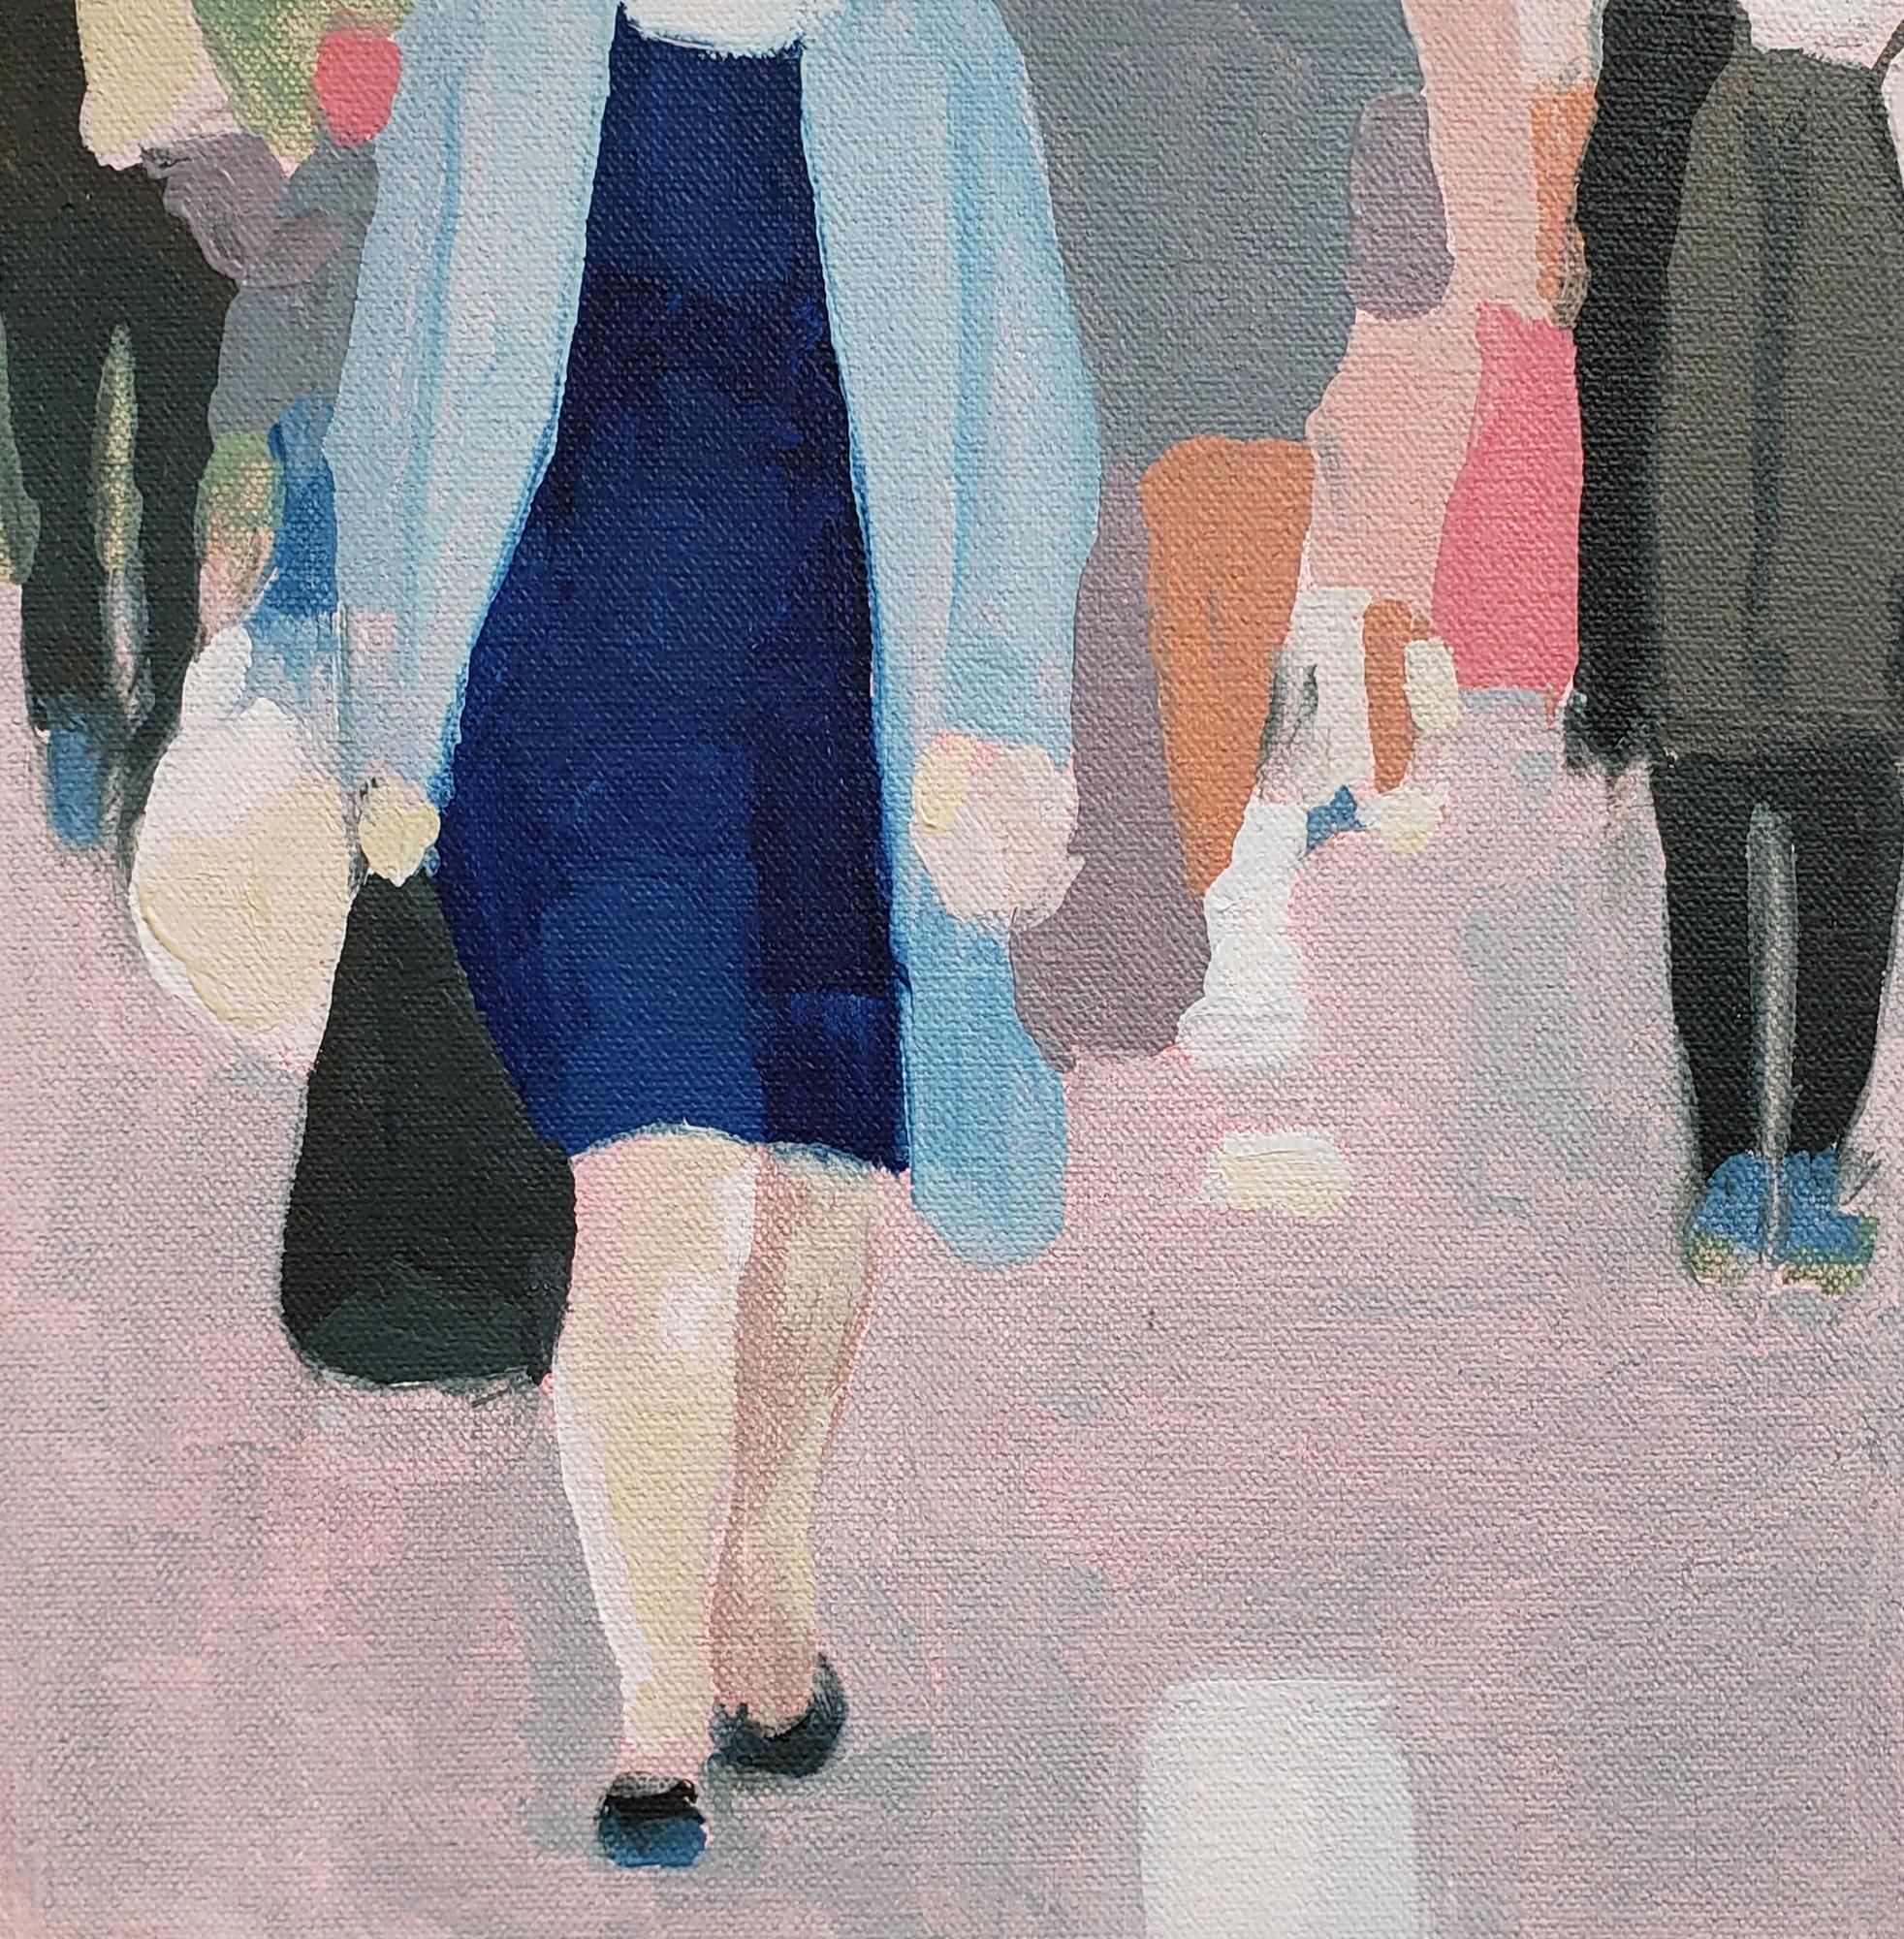 Pedestrians on Broadway by Sherry  Czekus